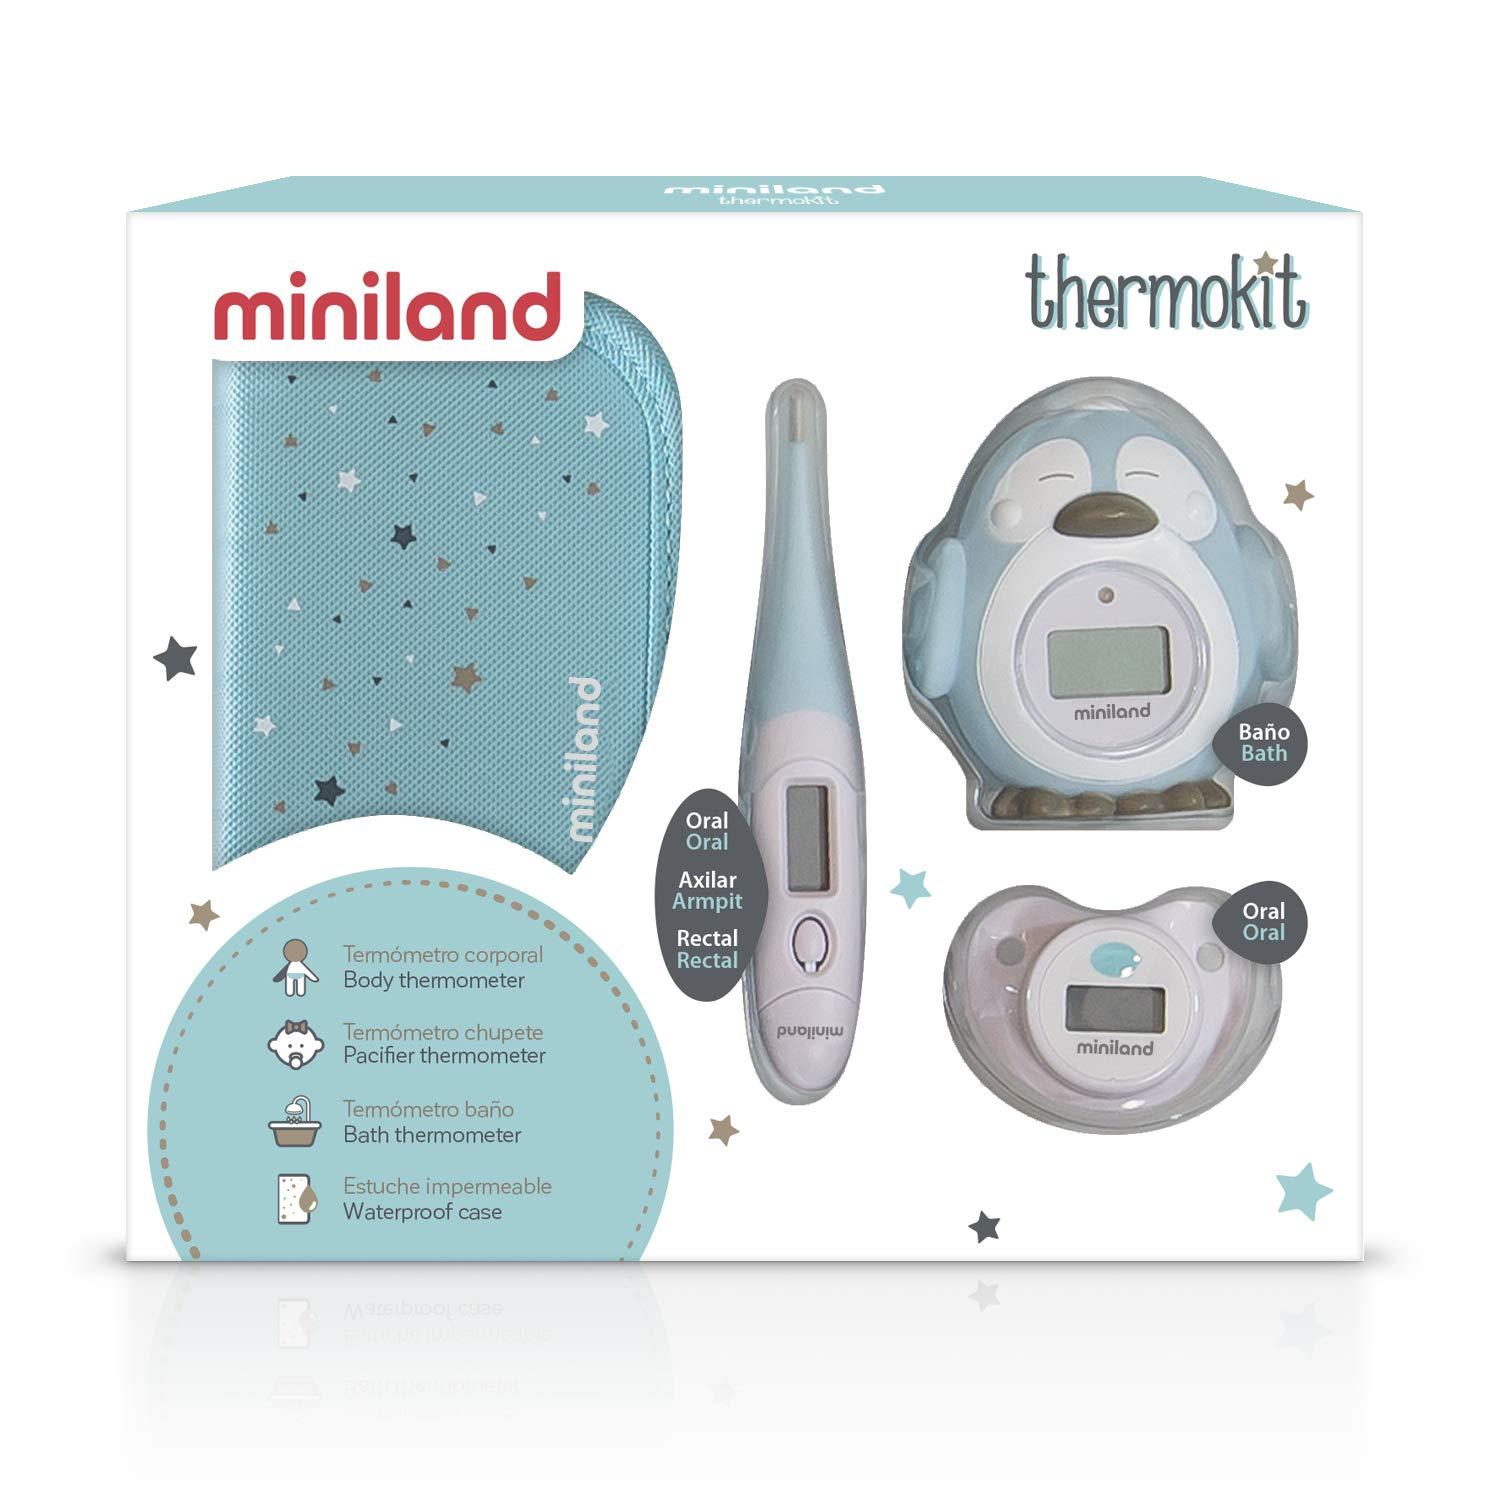 Miniland Thermokit - Set de 3 termómetros digitales, color azul: Amazon.es: Bebé